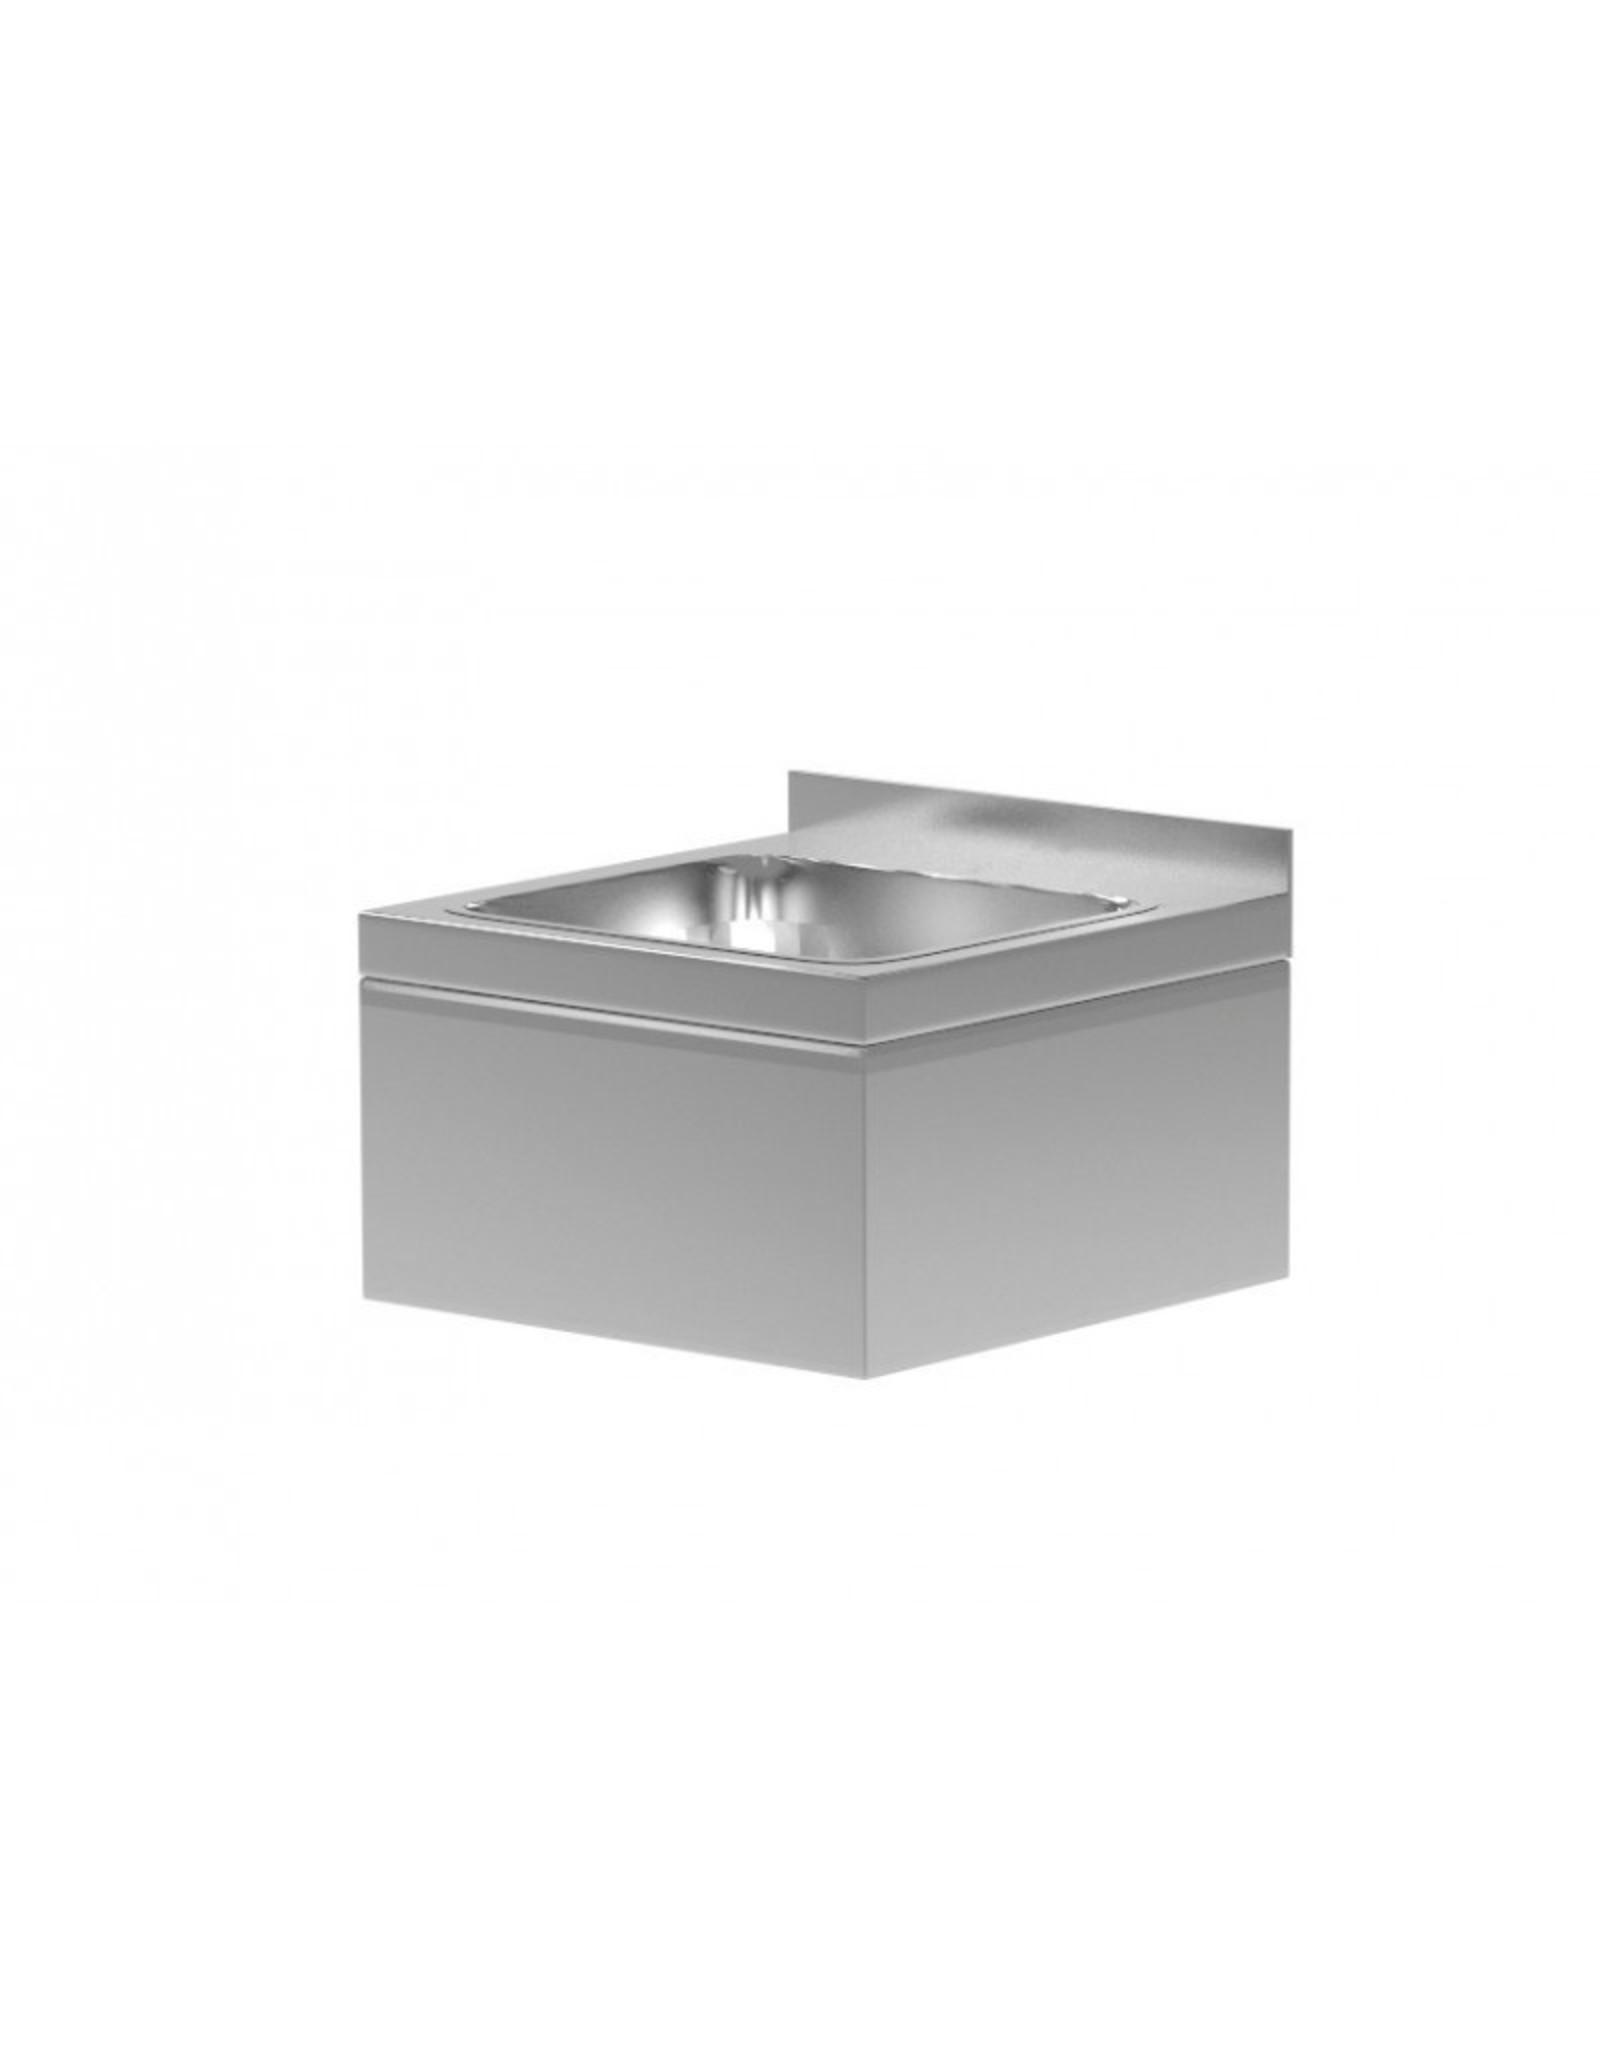 Spoelbak wandmodel | met omkasting | rechthoekig model | 400mm breed | 295mm diep